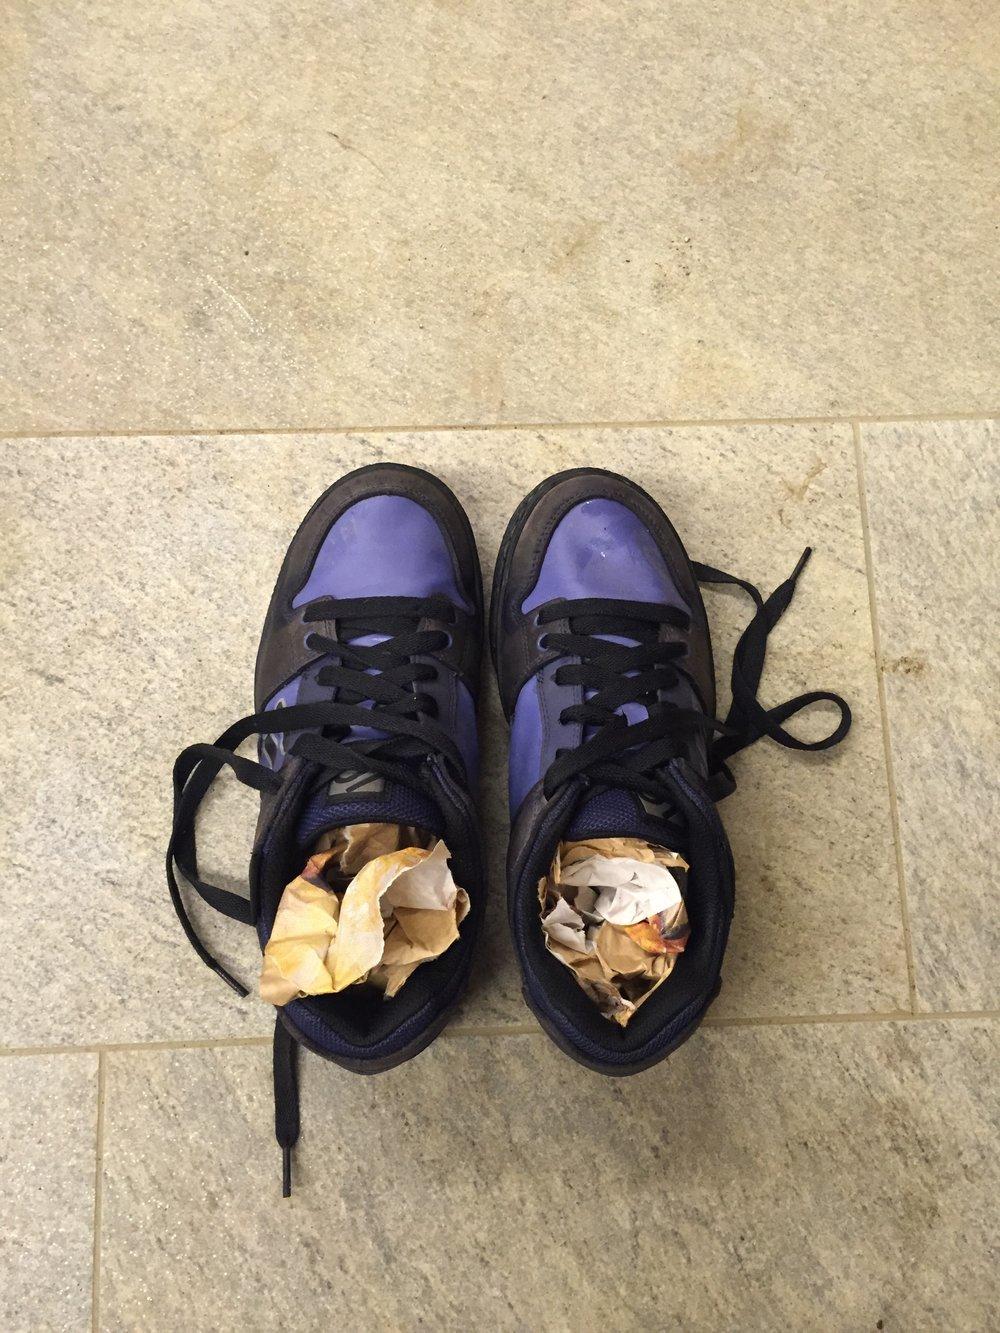 Mit Mehlsäcken aus Papier haben wir auf einer Hüttentour letzten Sommer unsere Schuhe getrocknet - oder eher versucht zu trocknen. Am nächsten Morgen waren die Schuhe immer noch nass...